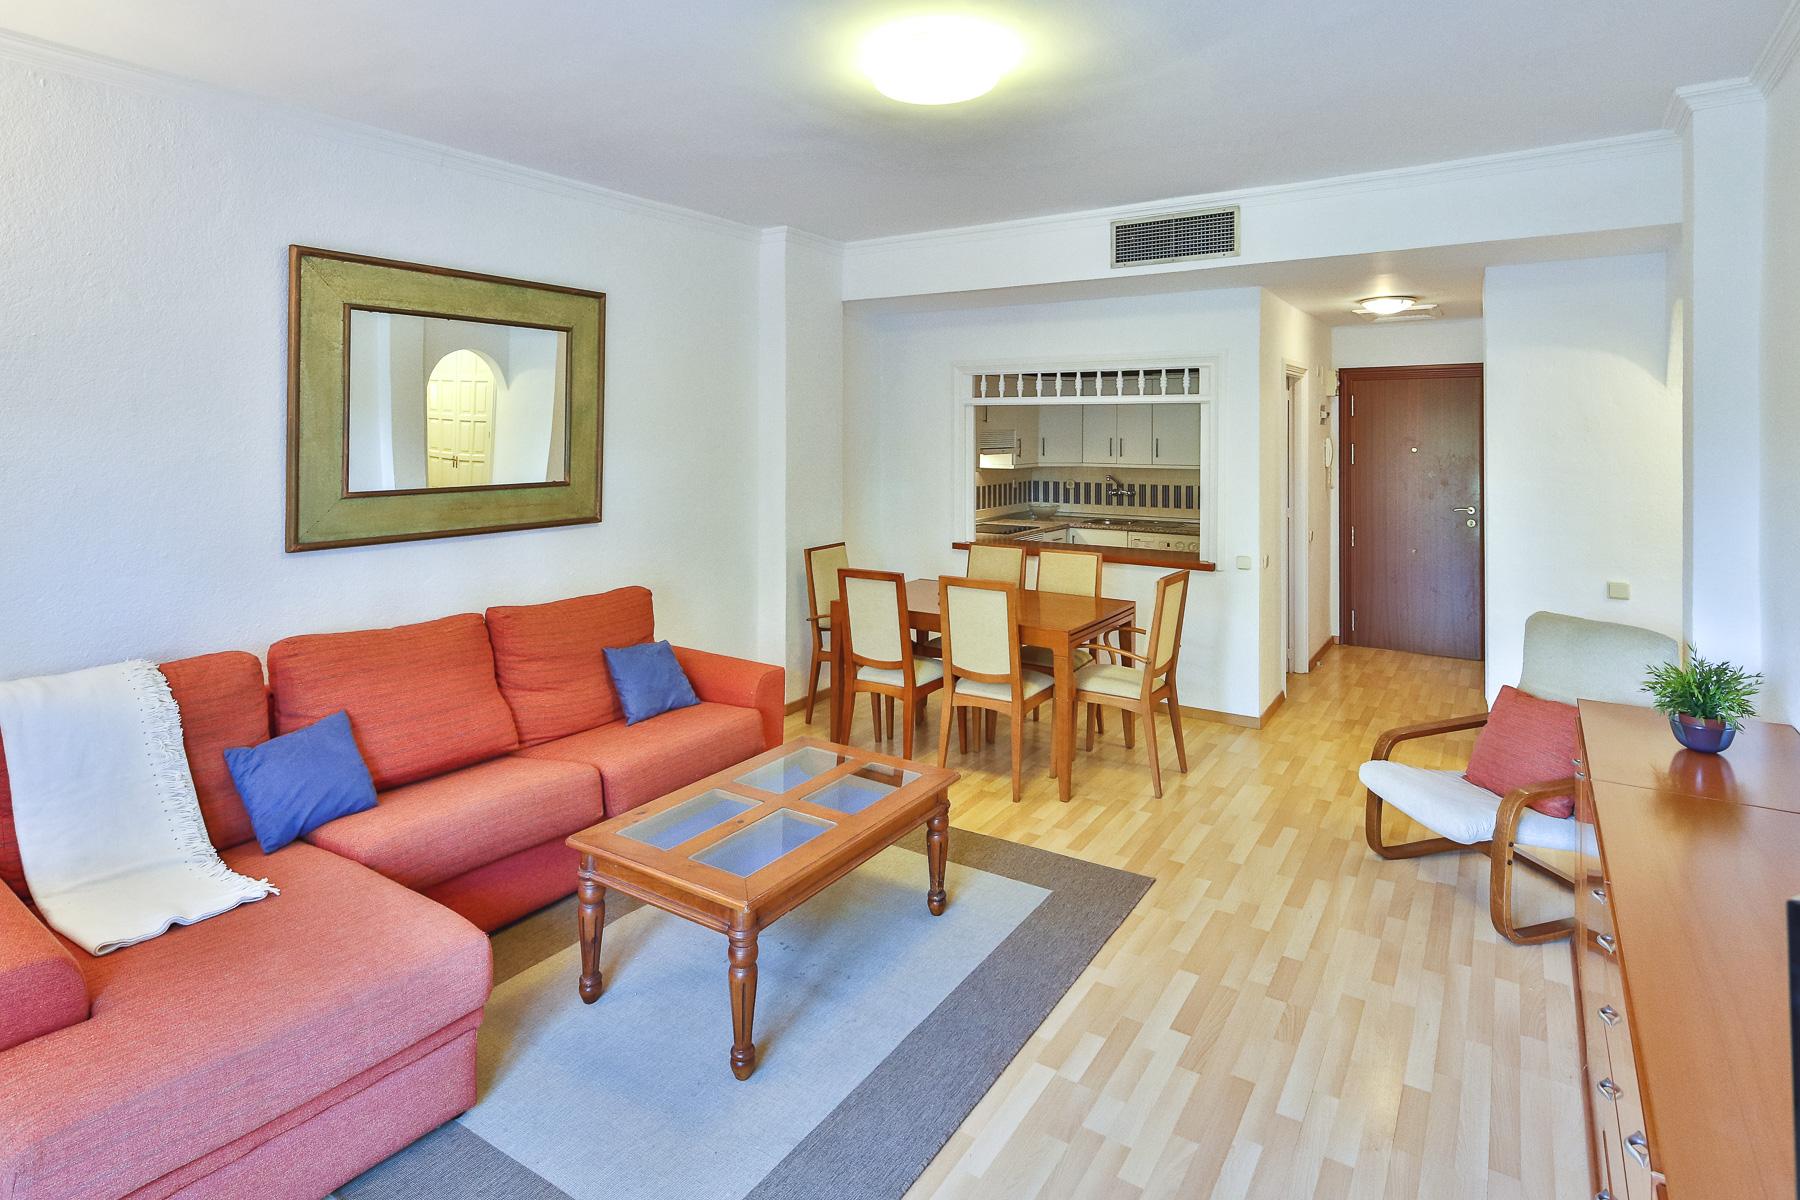 Ground Floor Apartment for Sale in Andalucia del Mar, Marbella - Puerto Banus